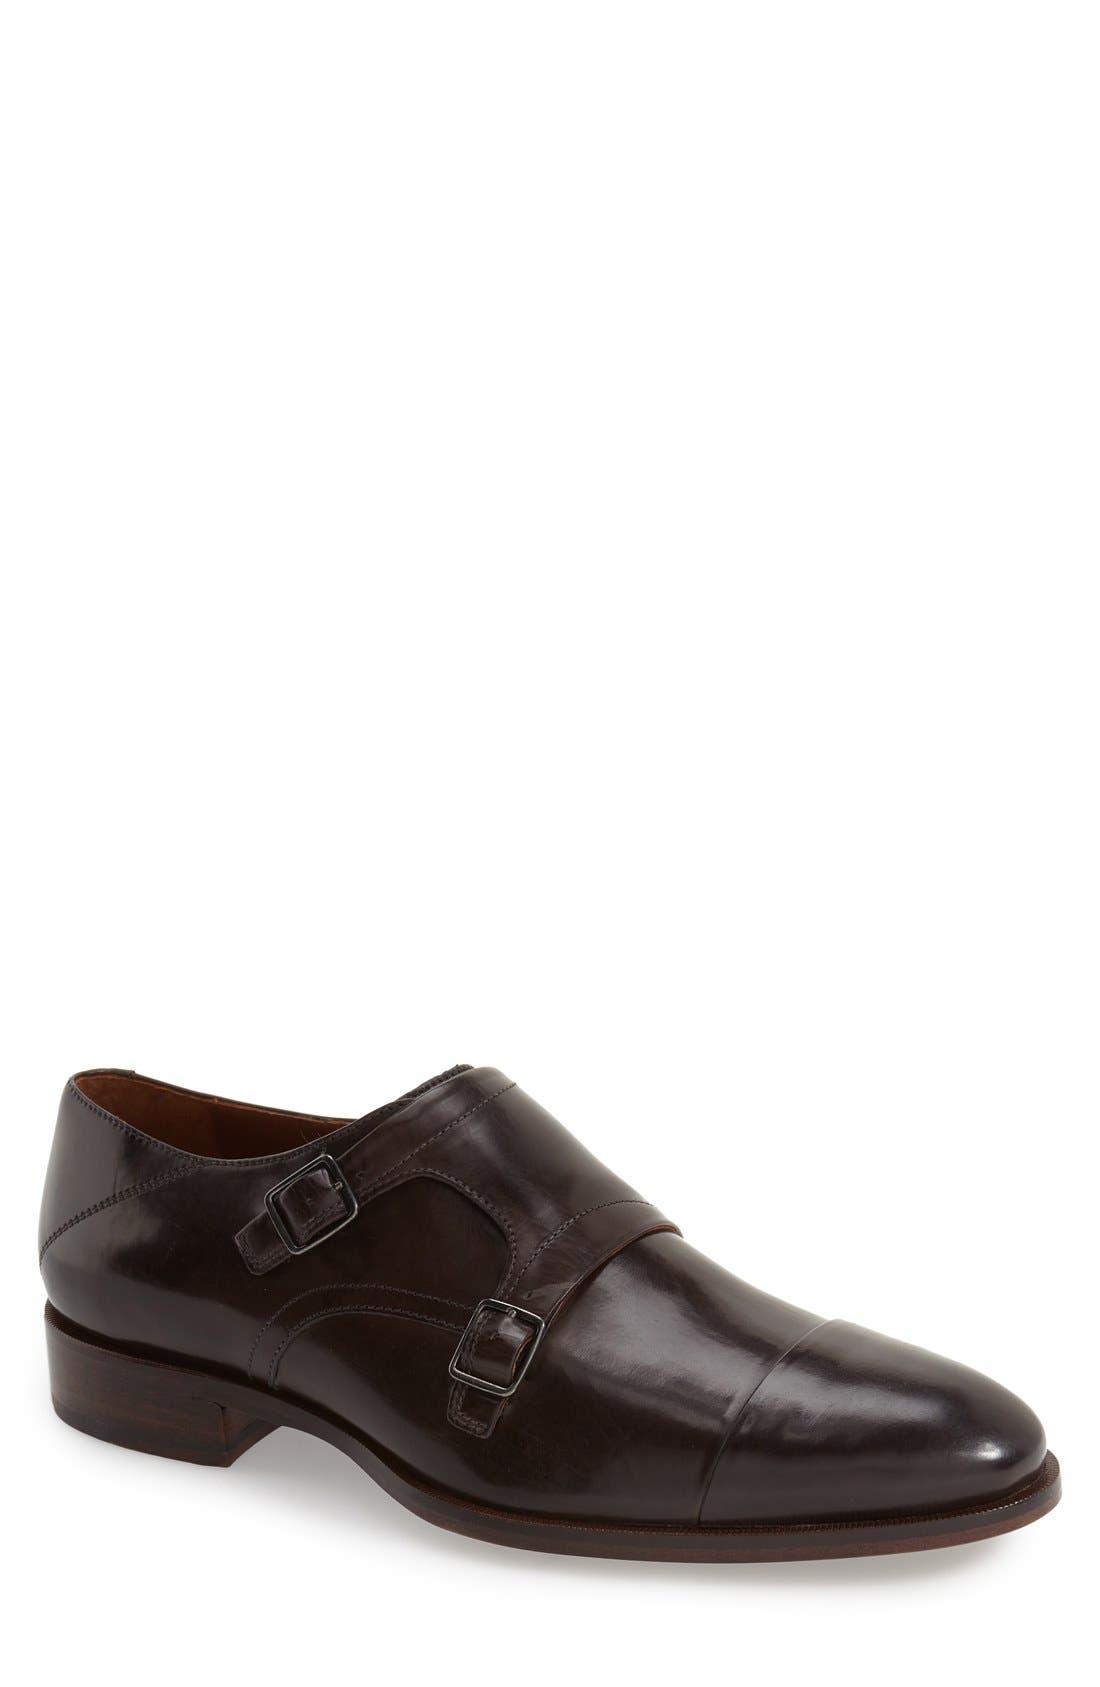 'Nolen' Double Monk Strap Shoe,                         Main,                         color, 020